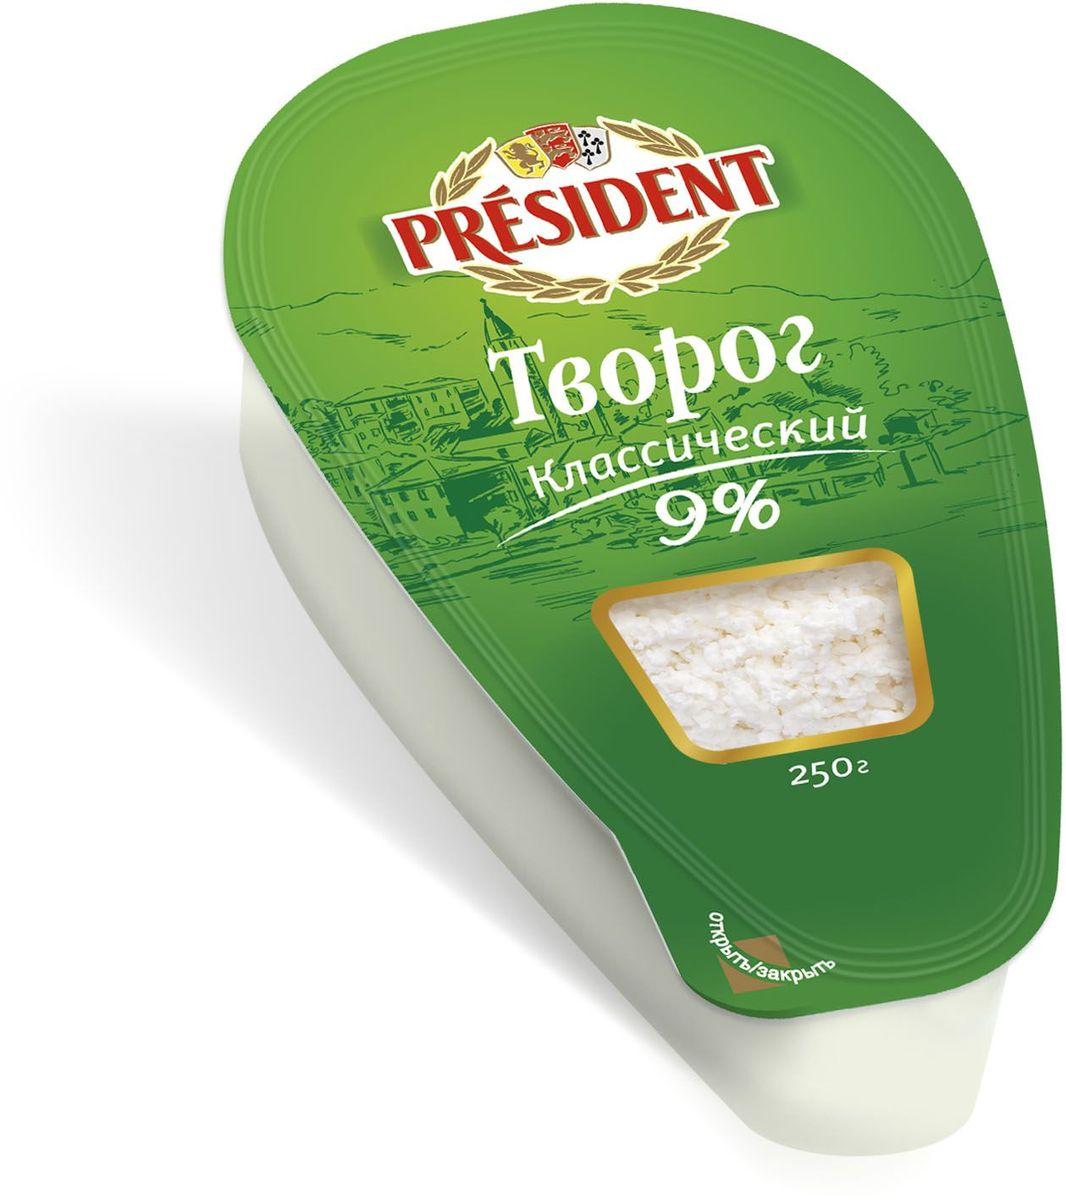 President Творог Классический 9%, 250 г ностальгия творог из топленого молока 9